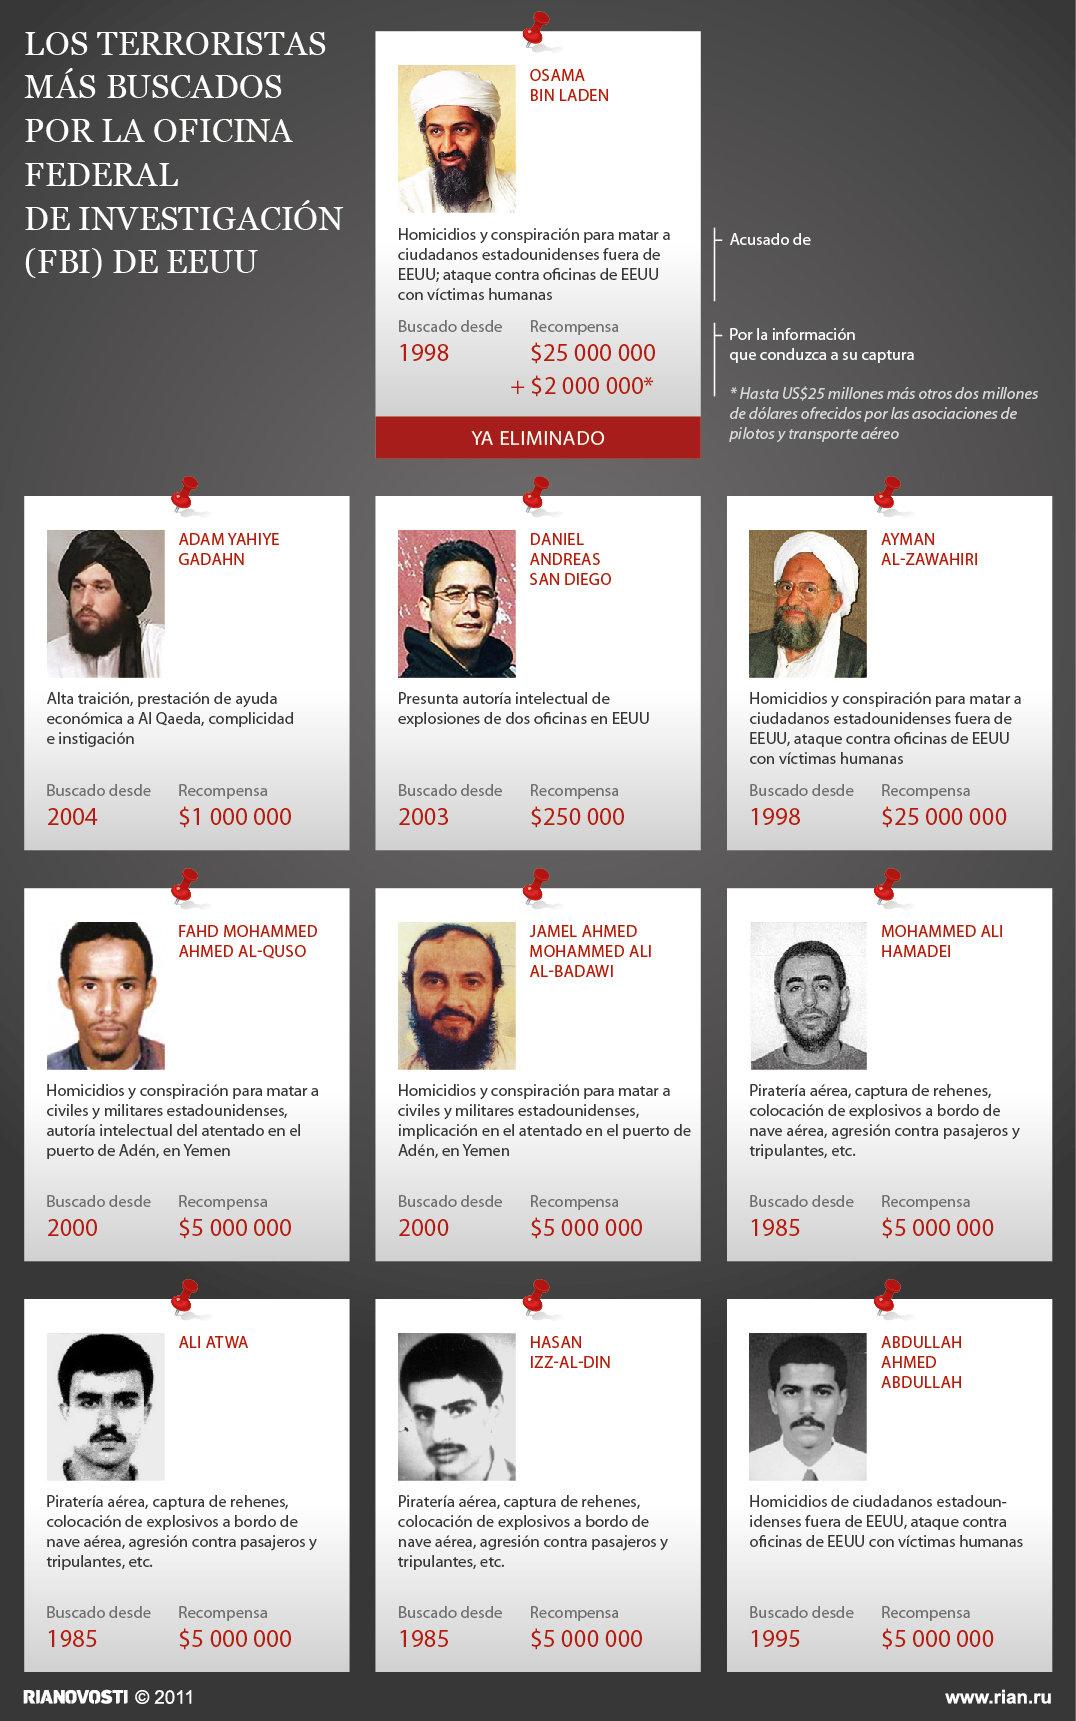 Los terroristas más buscados por la Oficina Federal de Investigación (FBI) de EEUU